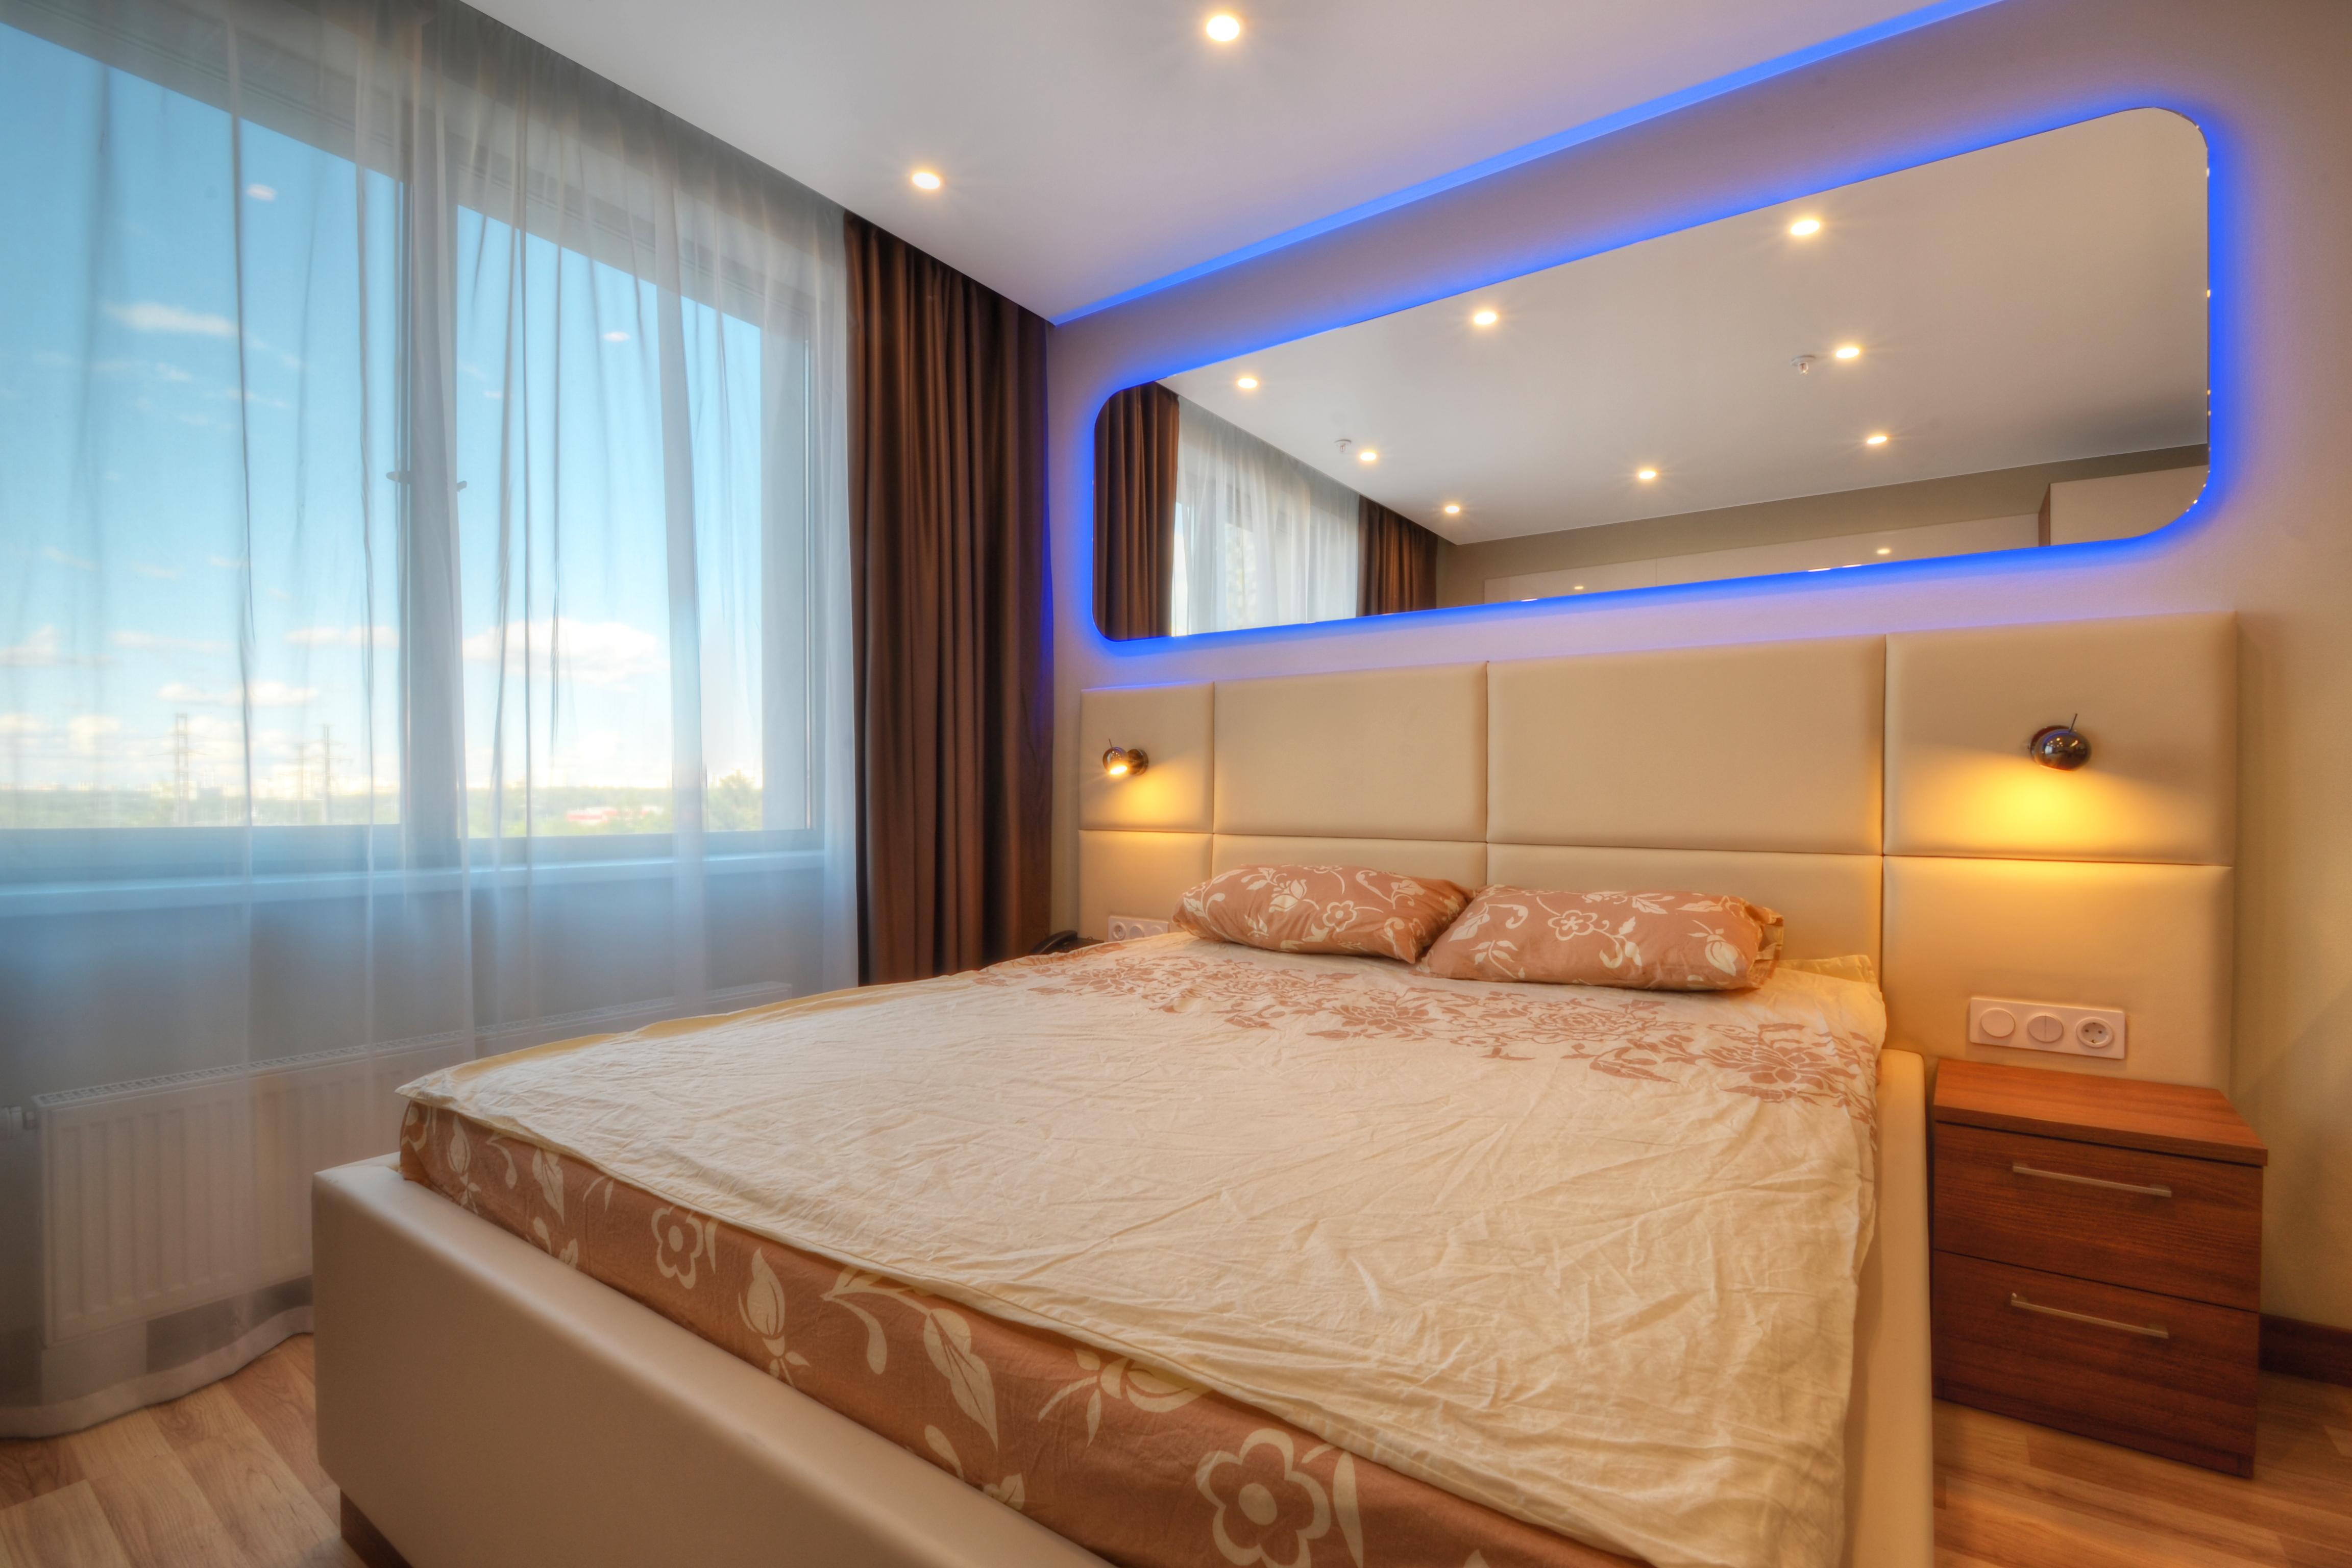 dizajnerskie-apartamenty-yes-mitino-03